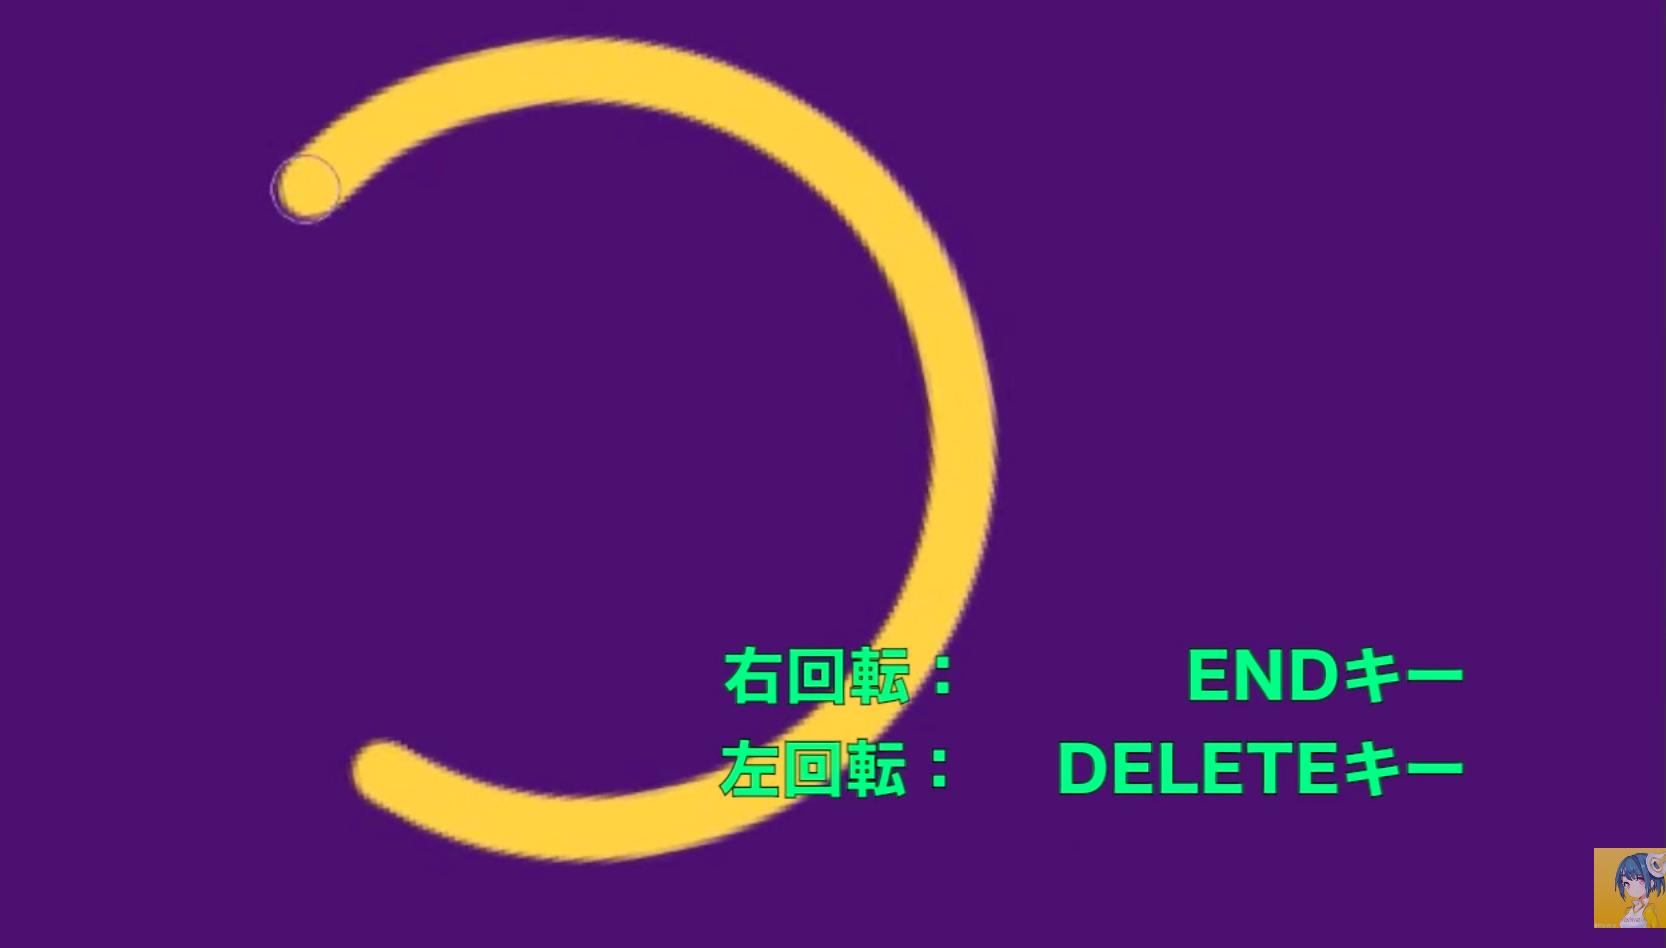 エフェクトの描き方講座_-_魔法陣編_-_by_RE_しましま☆|マンガ・イラストの描き方講座:お絵描きのPalmie(パルミー)_-_YouTube_🔊 9